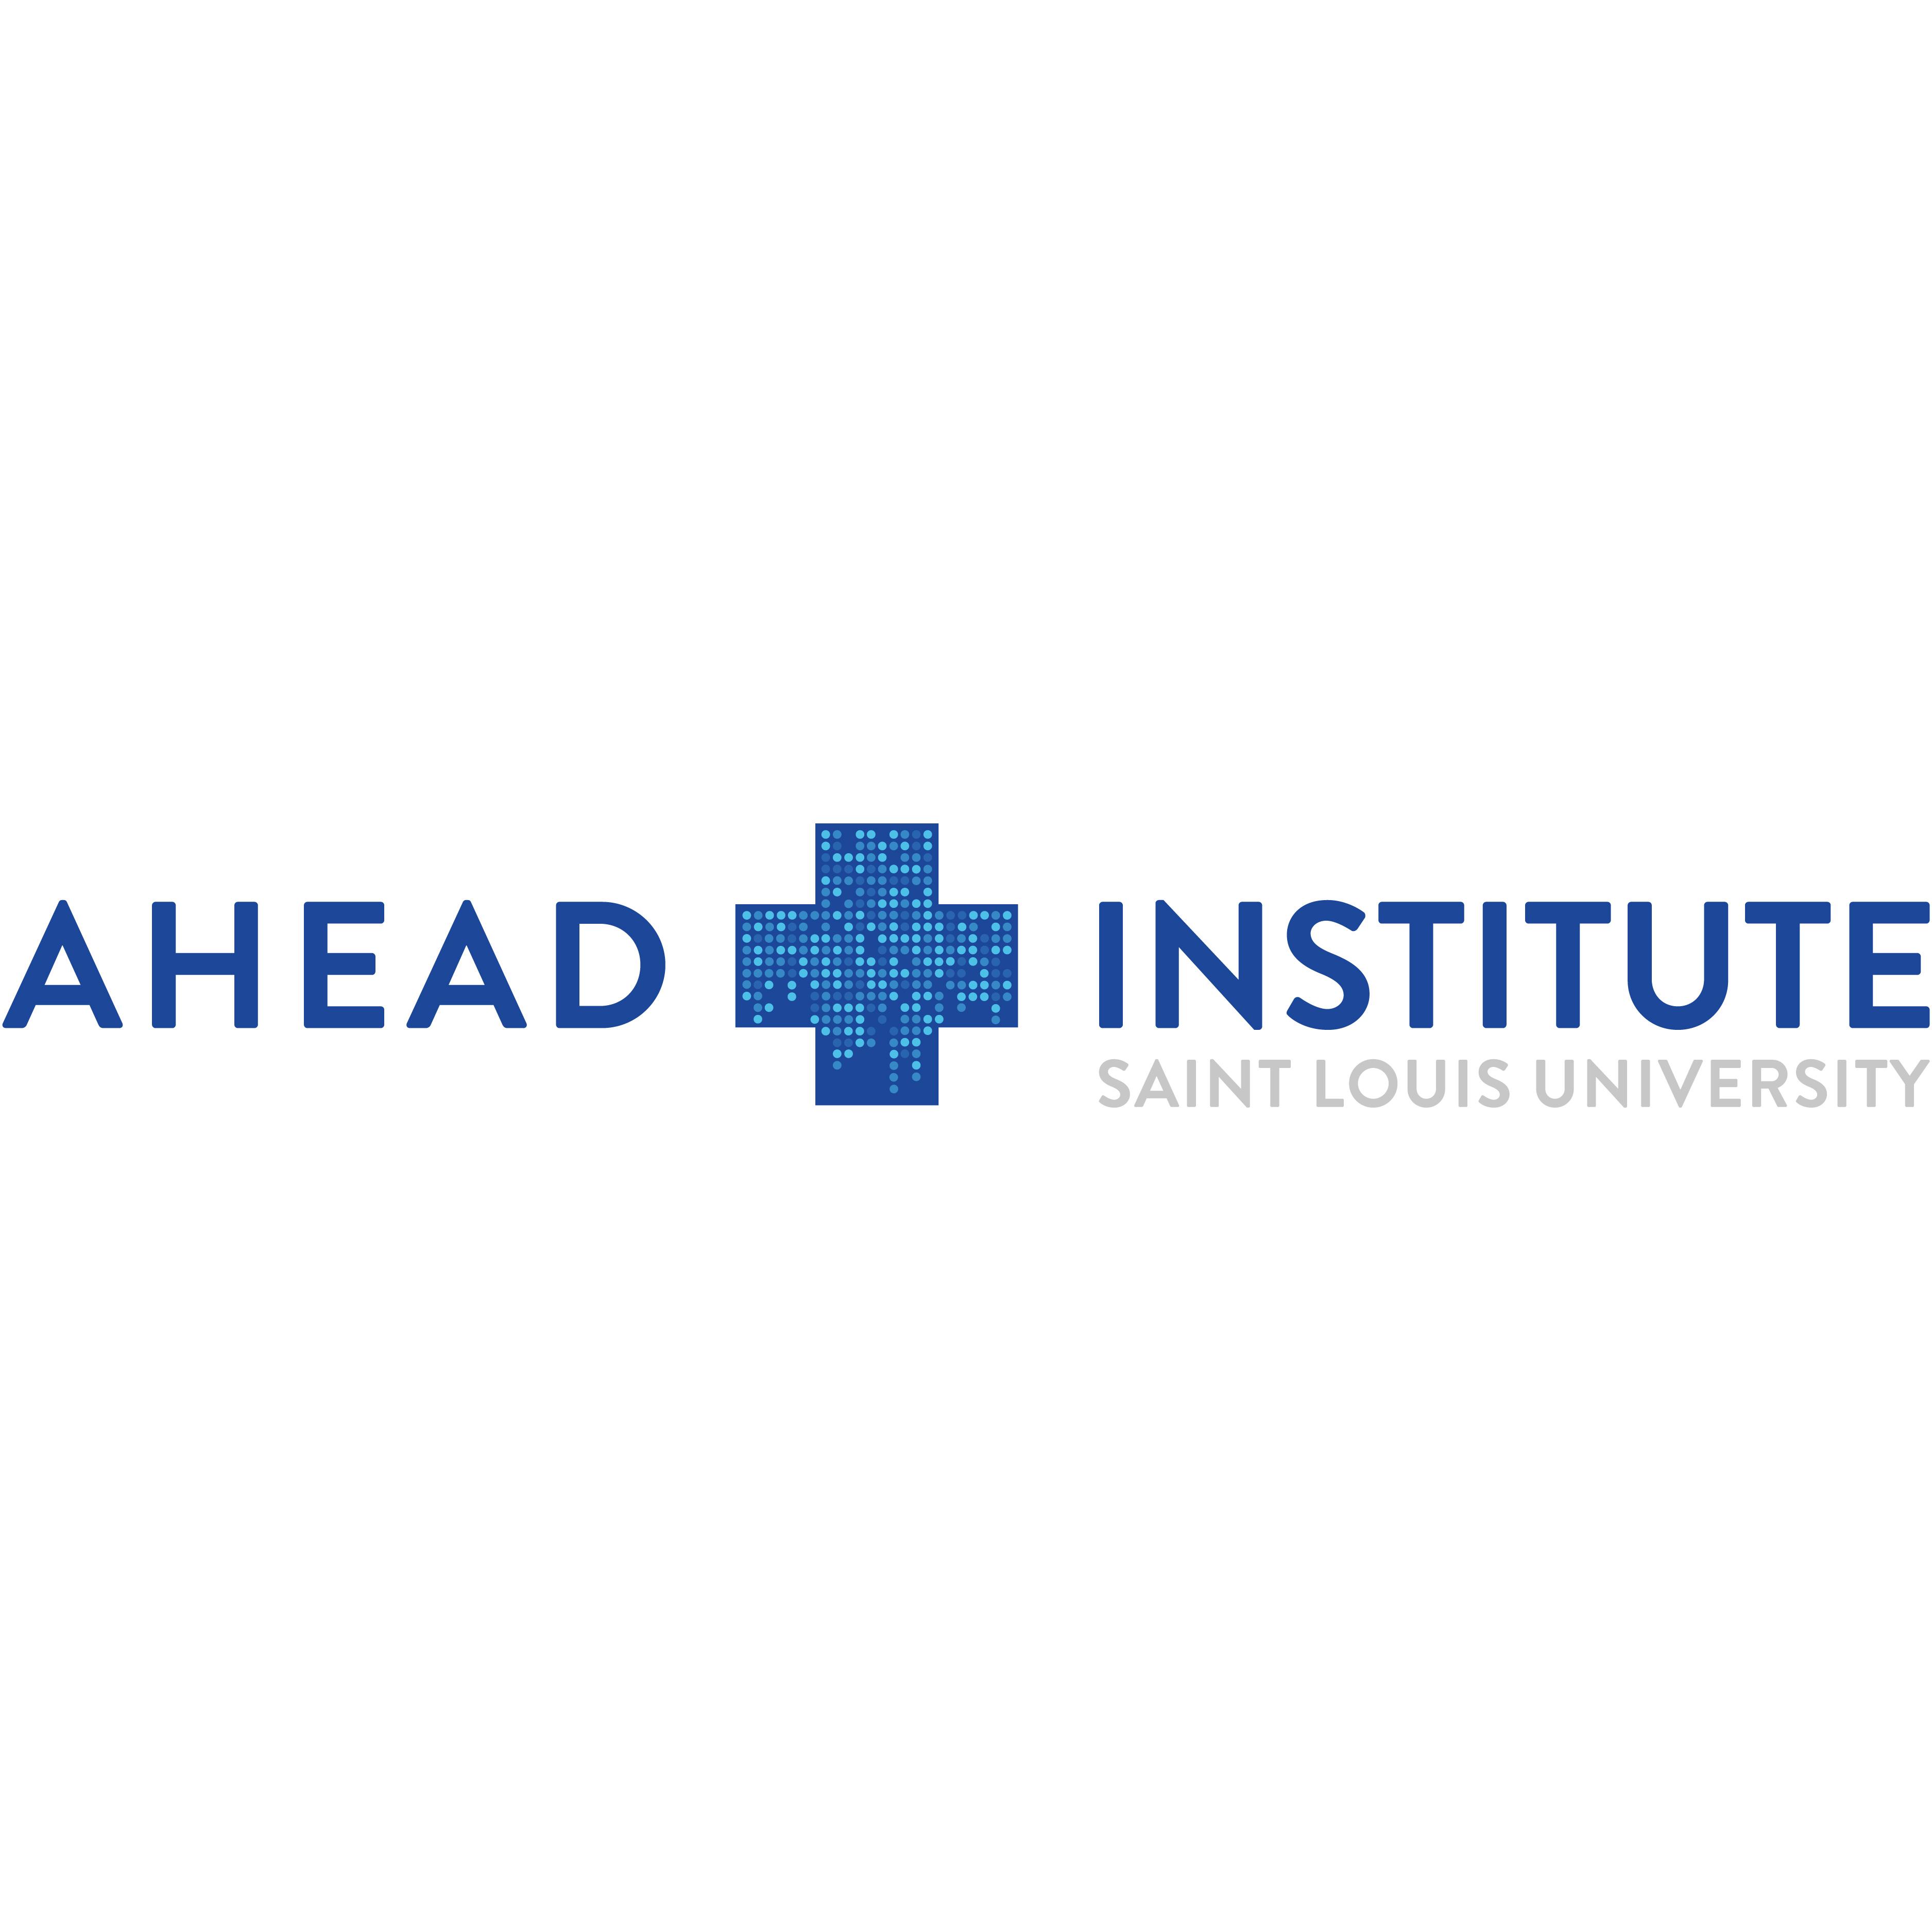 SLU AHEAD Logo 2